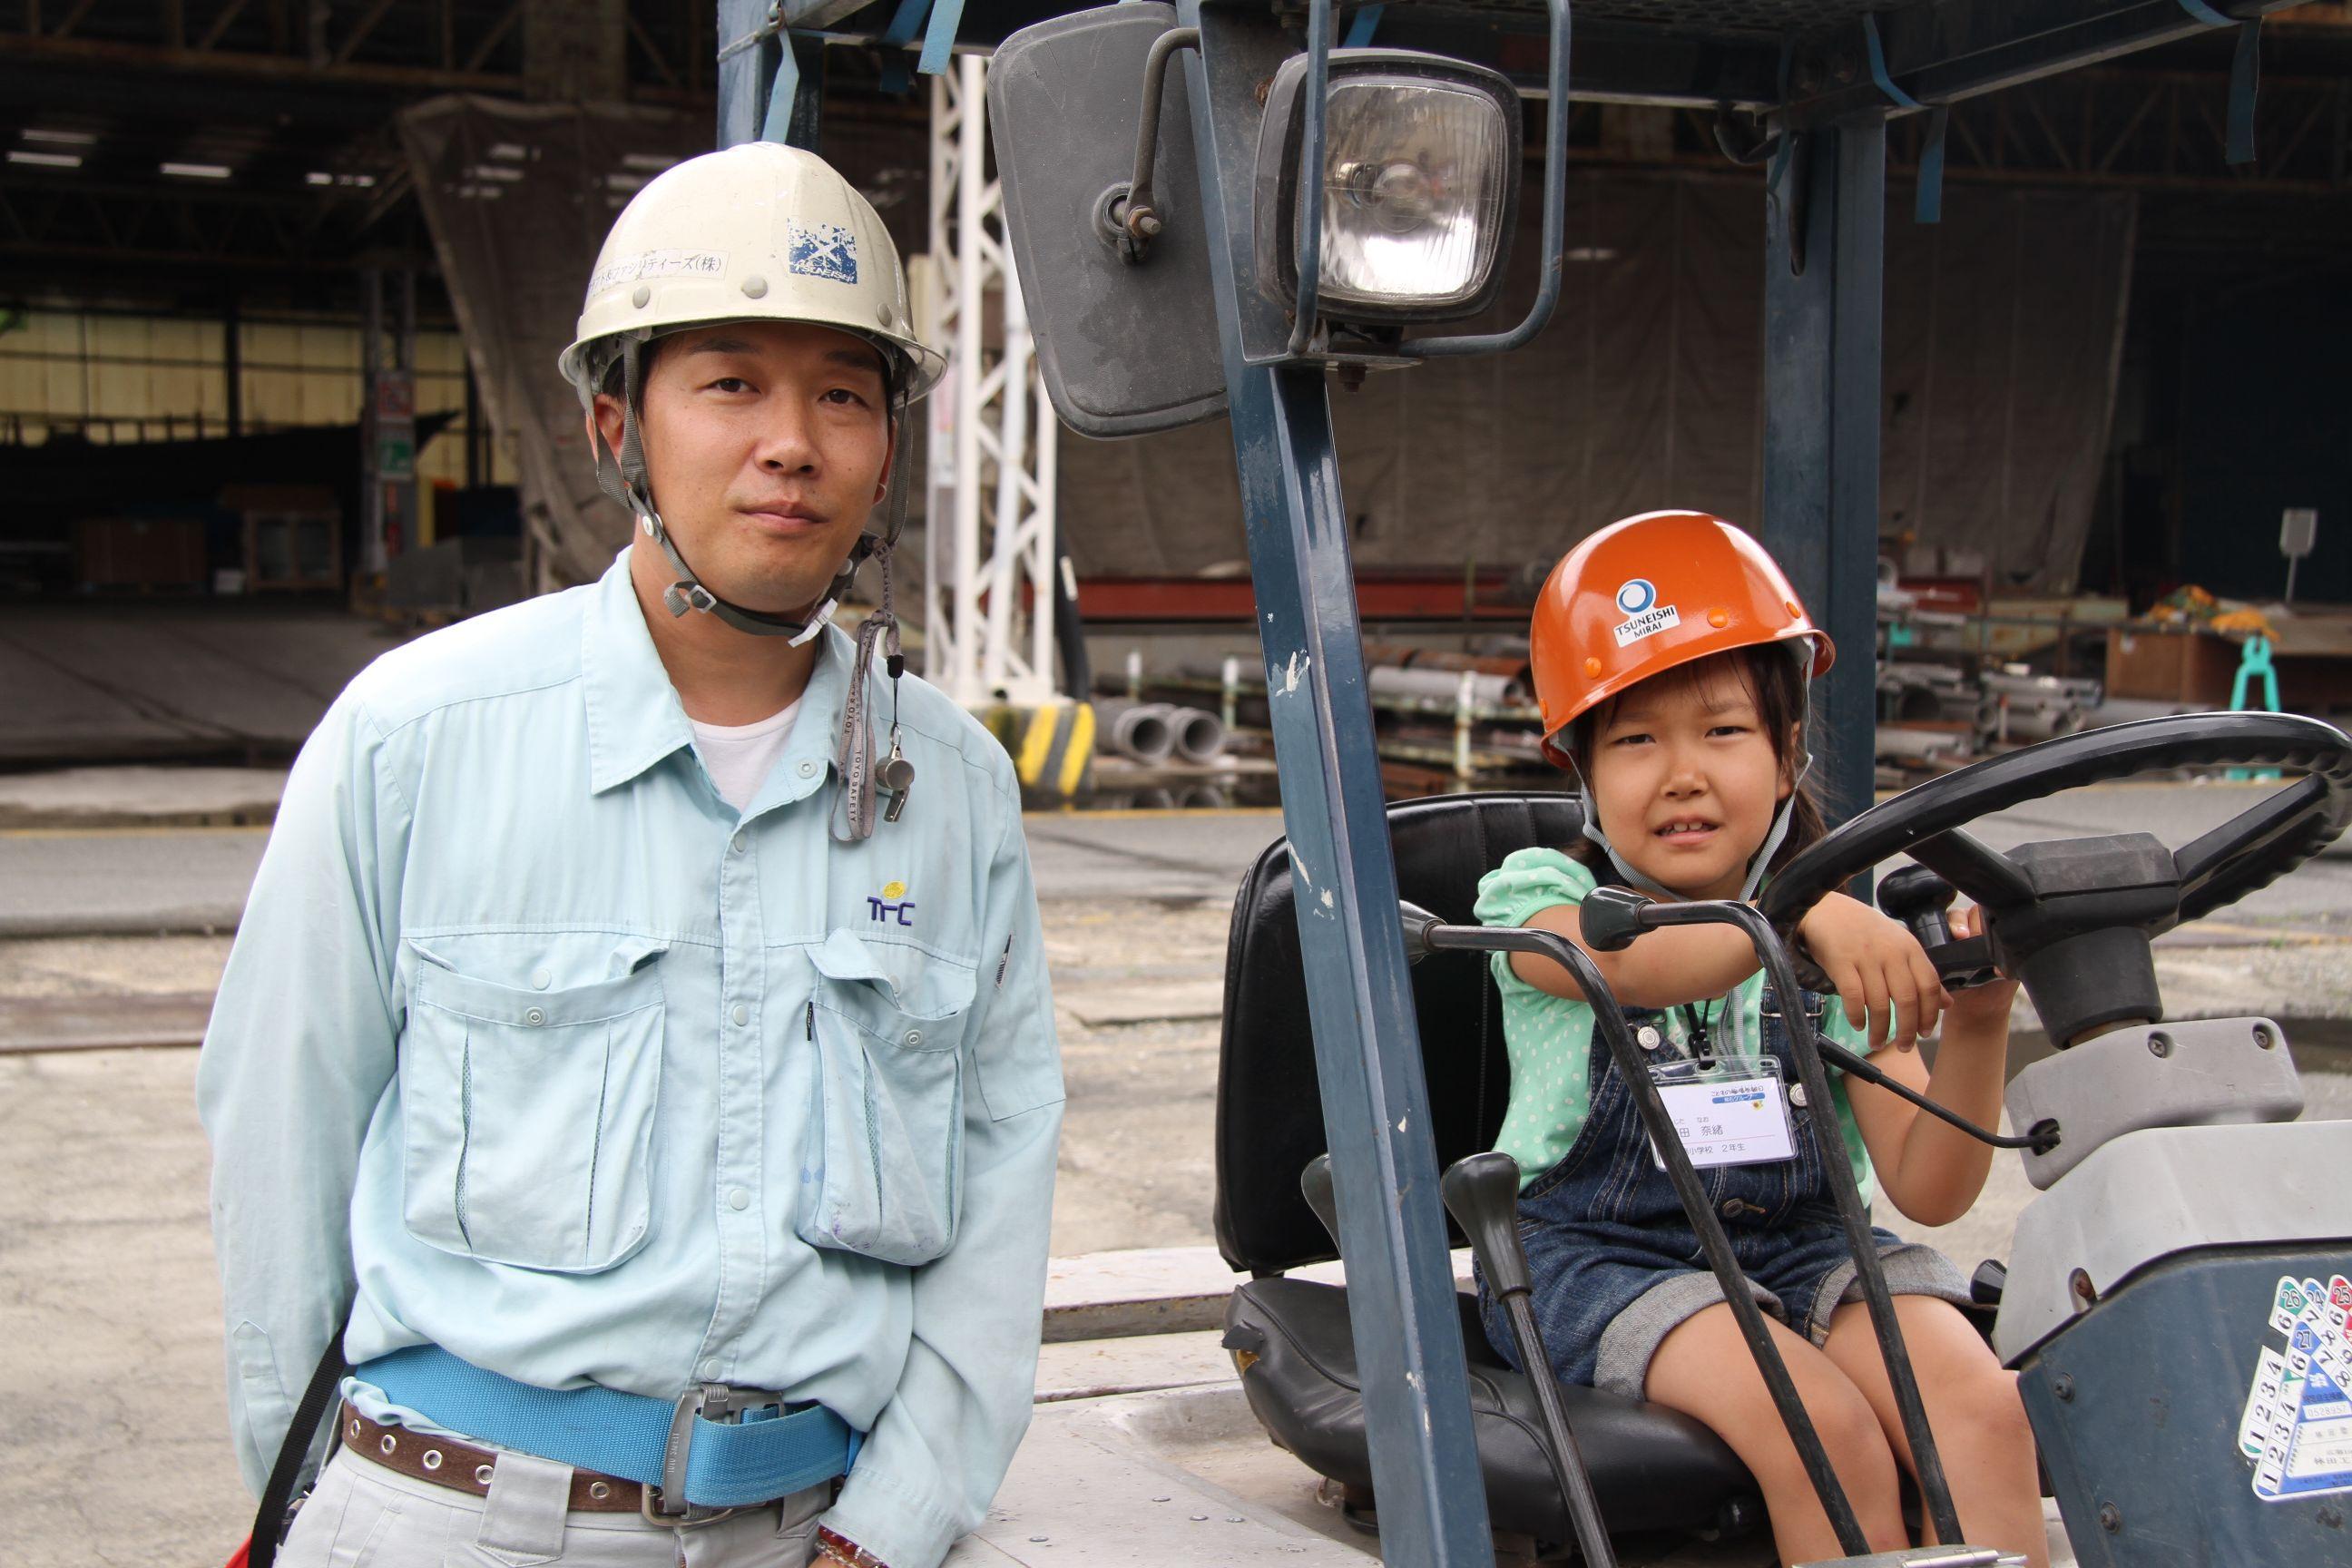 フォークリフトへの乗車体験、お父さんと記念撮影